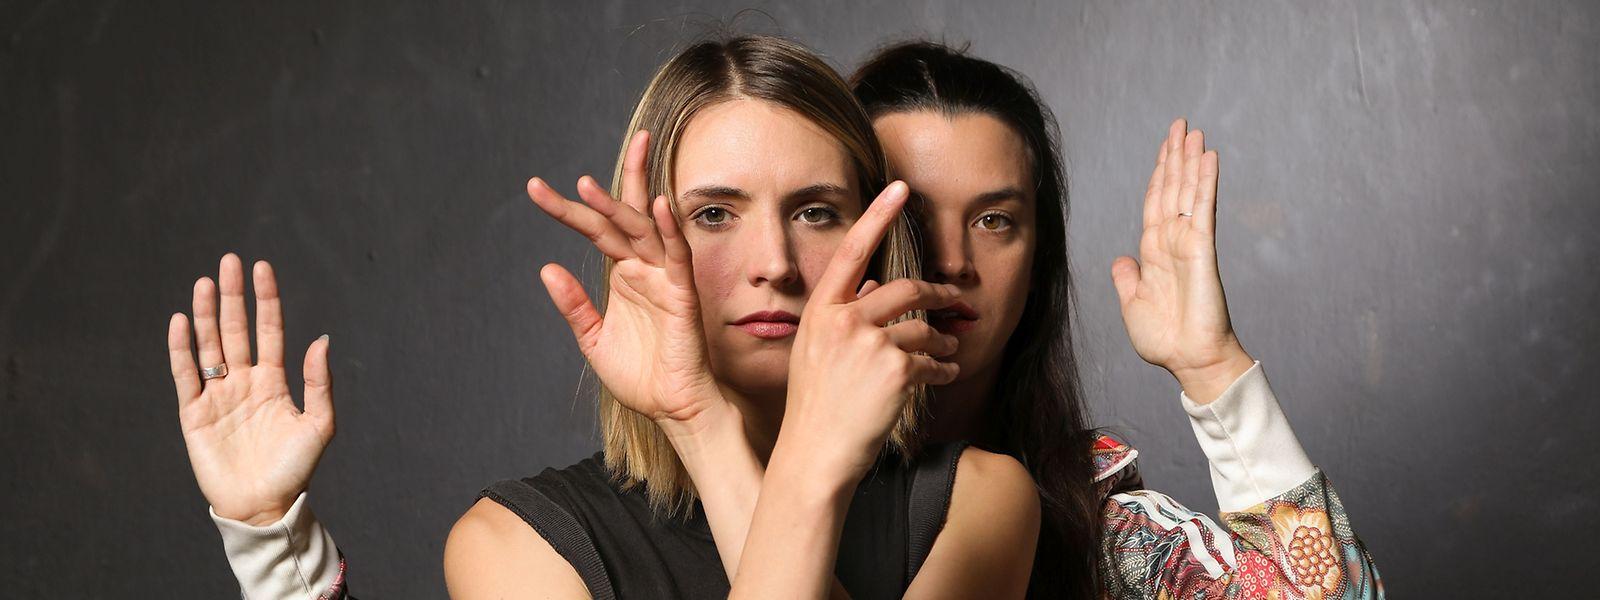 Tania Soubry (v.) und Cathrine Elsen arbeiten an einer Performance an den Schnittstellen von Gesang und Tanz.